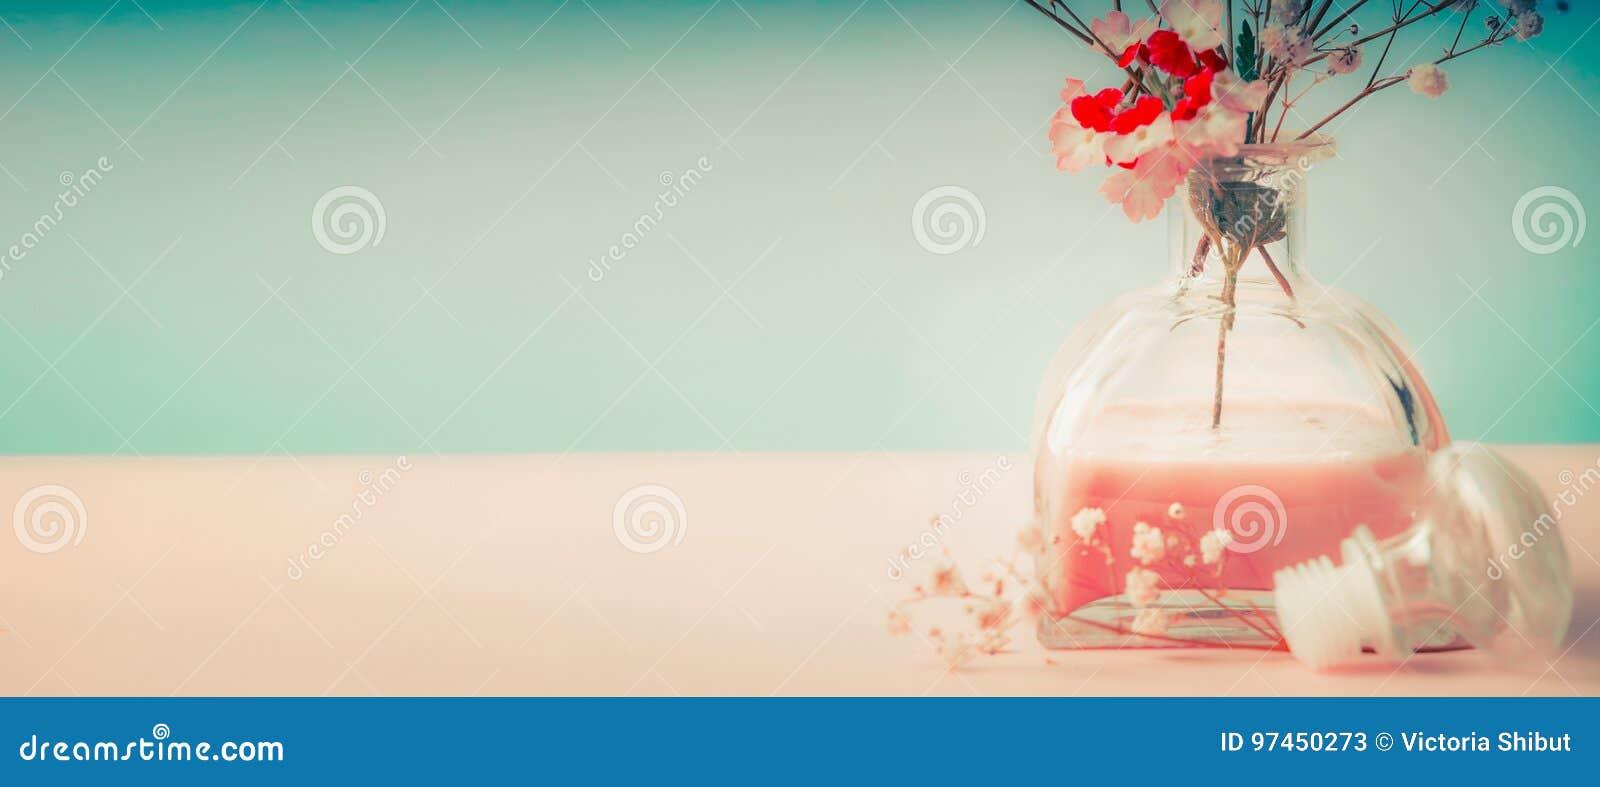 Badekurort oder Wellnesshintergrund mit Raumduftflasche und -blumen auf Pastellhintergrund, Vorderansicht